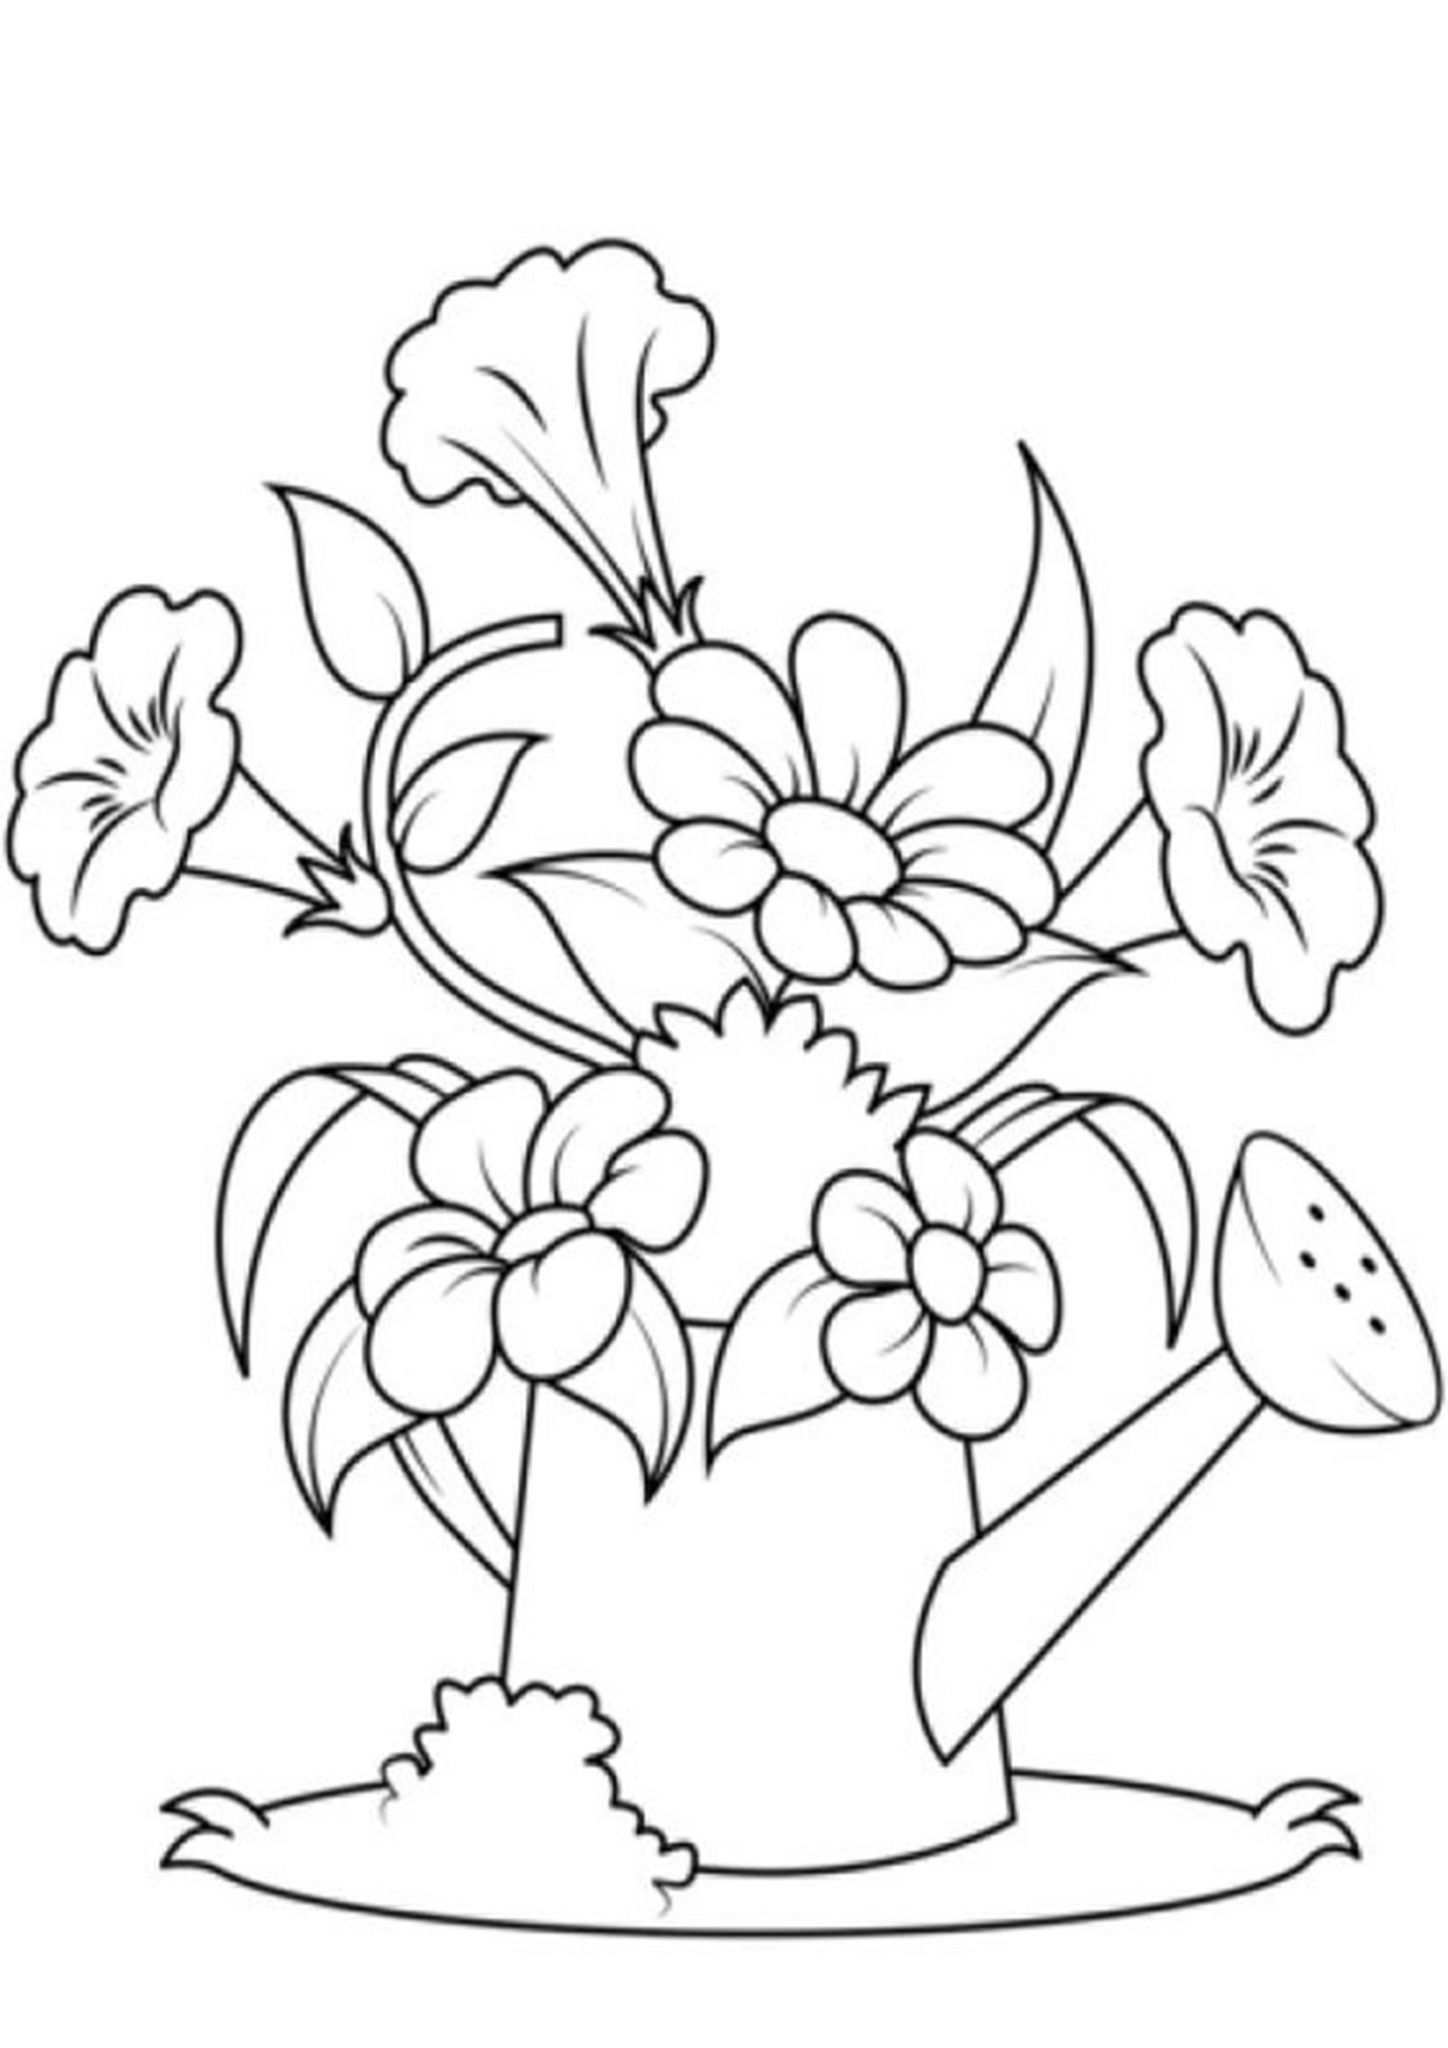 Free Easy To Print Flower Coloring Pages Free Easy To Print Flower Coloring Pages Tulamama In 2020 Malvorlagen Blumenzeichnung Blumen Ausmalbilder